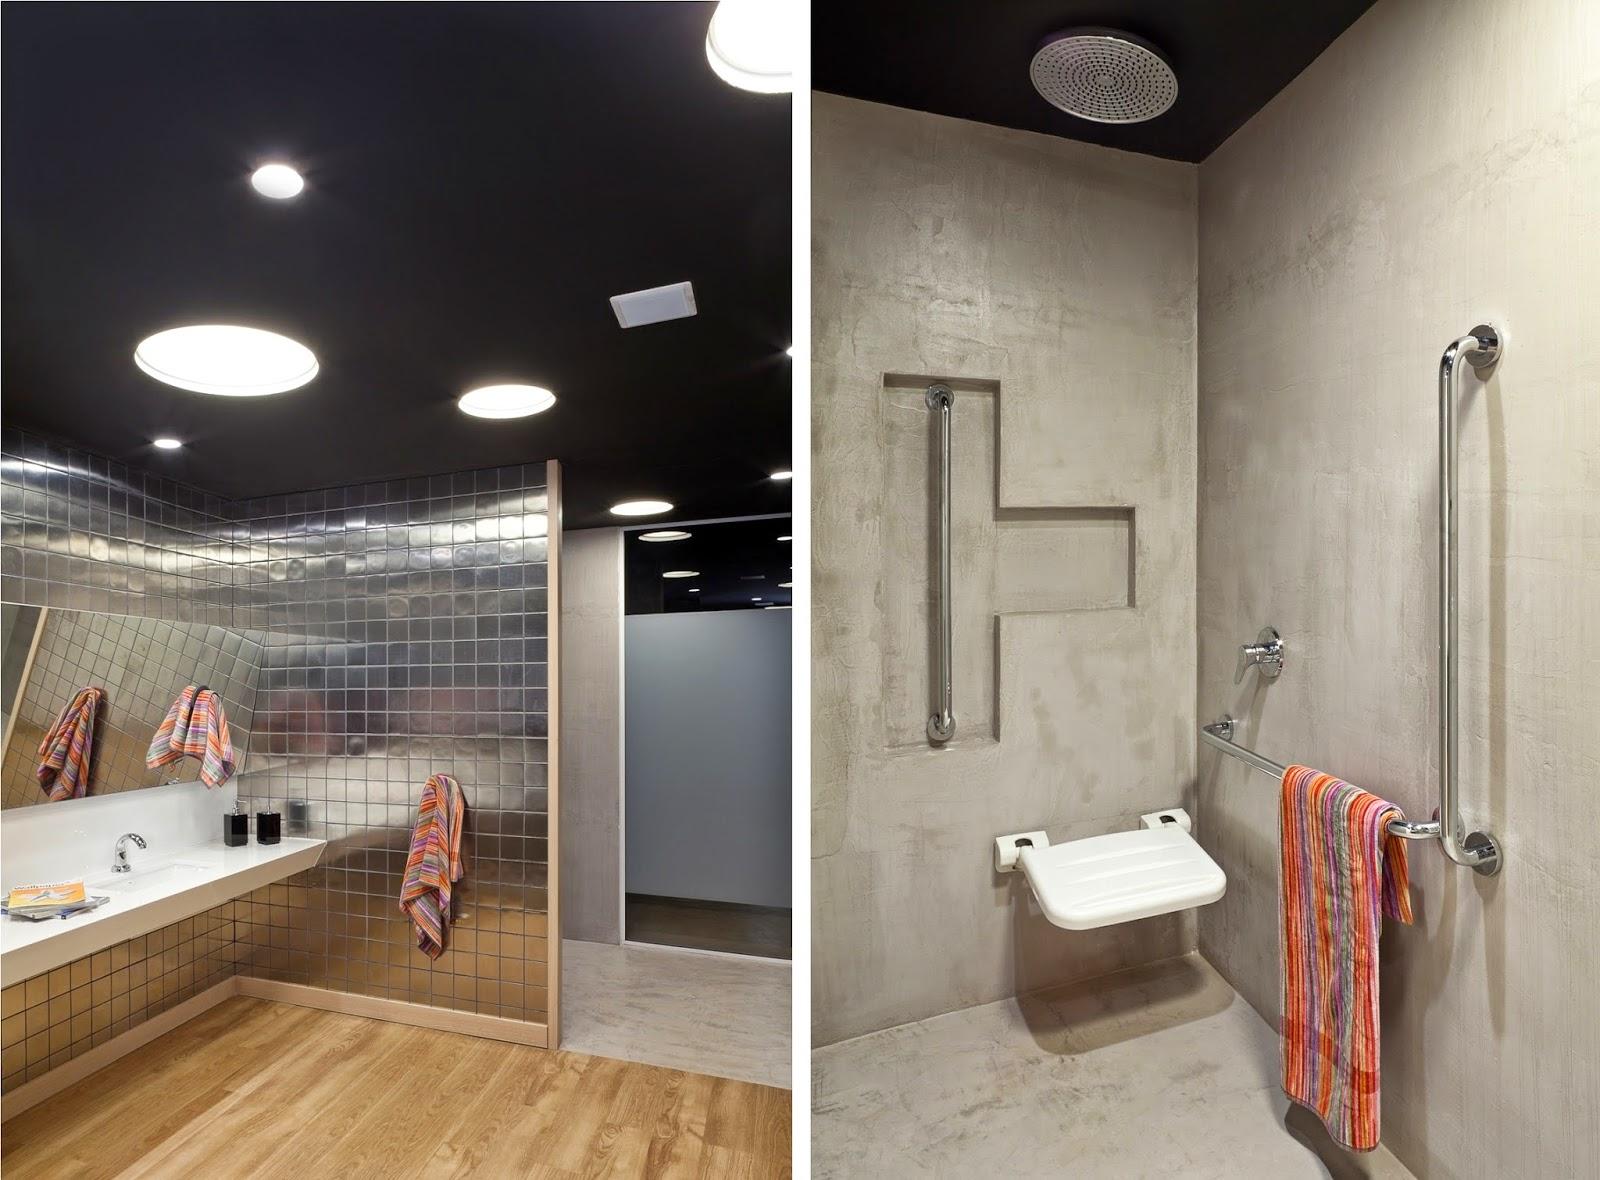 #A34228 Banheiro Adaptado 1600x1180 px Banheiro Para Deficiente Cad 2587